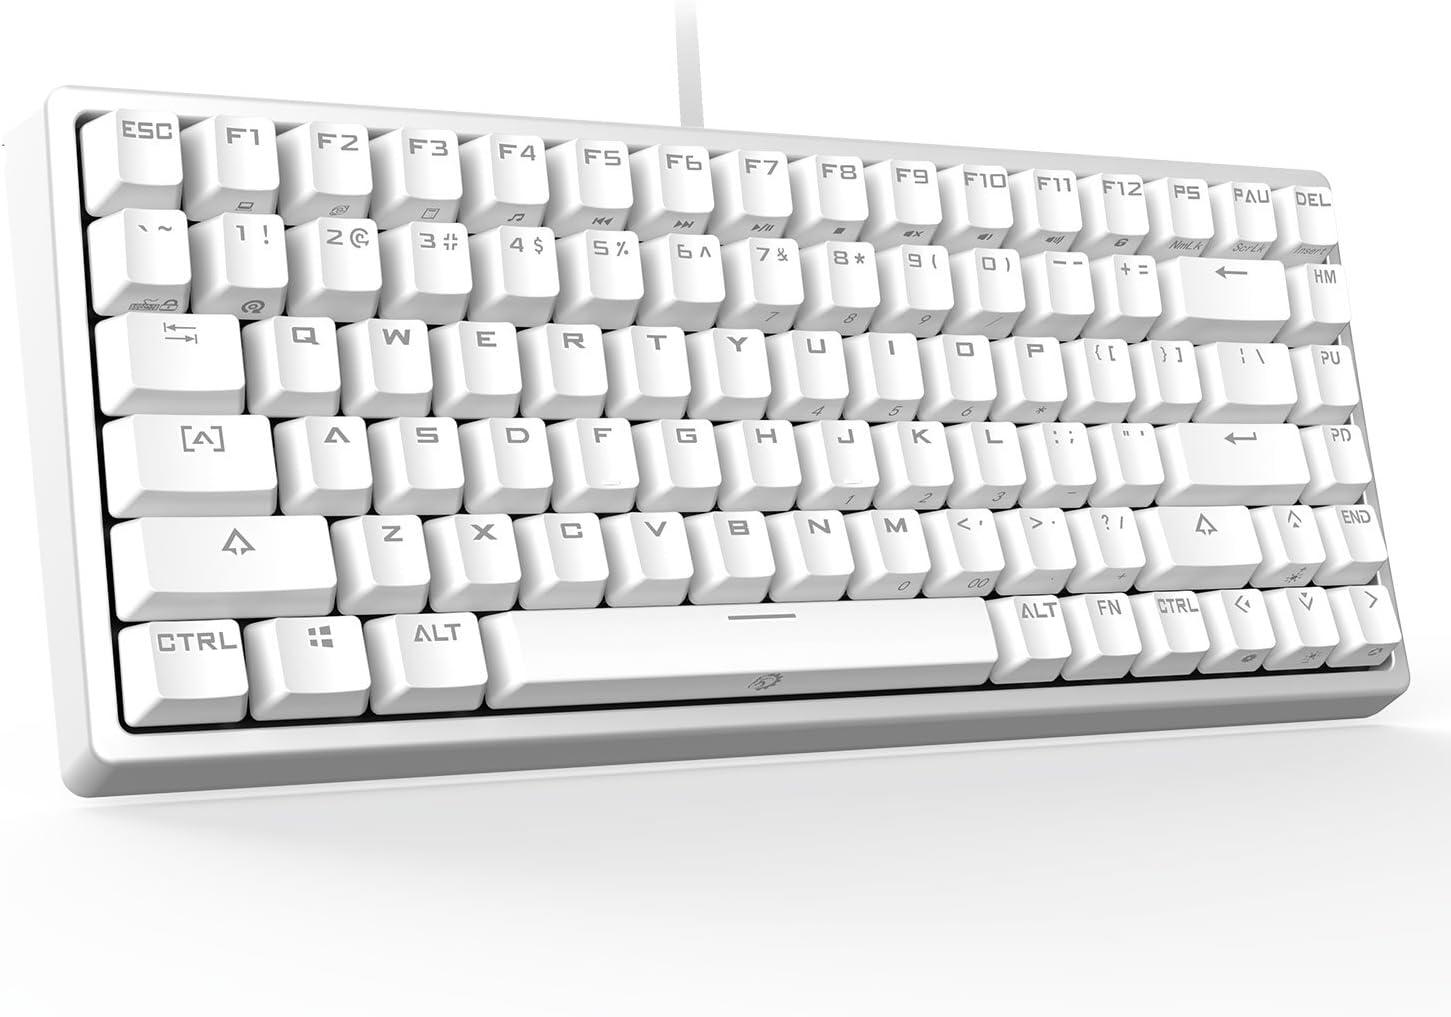 Drevo Gramr 84 Tasten Hintergrundbeleuchtung Edition Elektronik